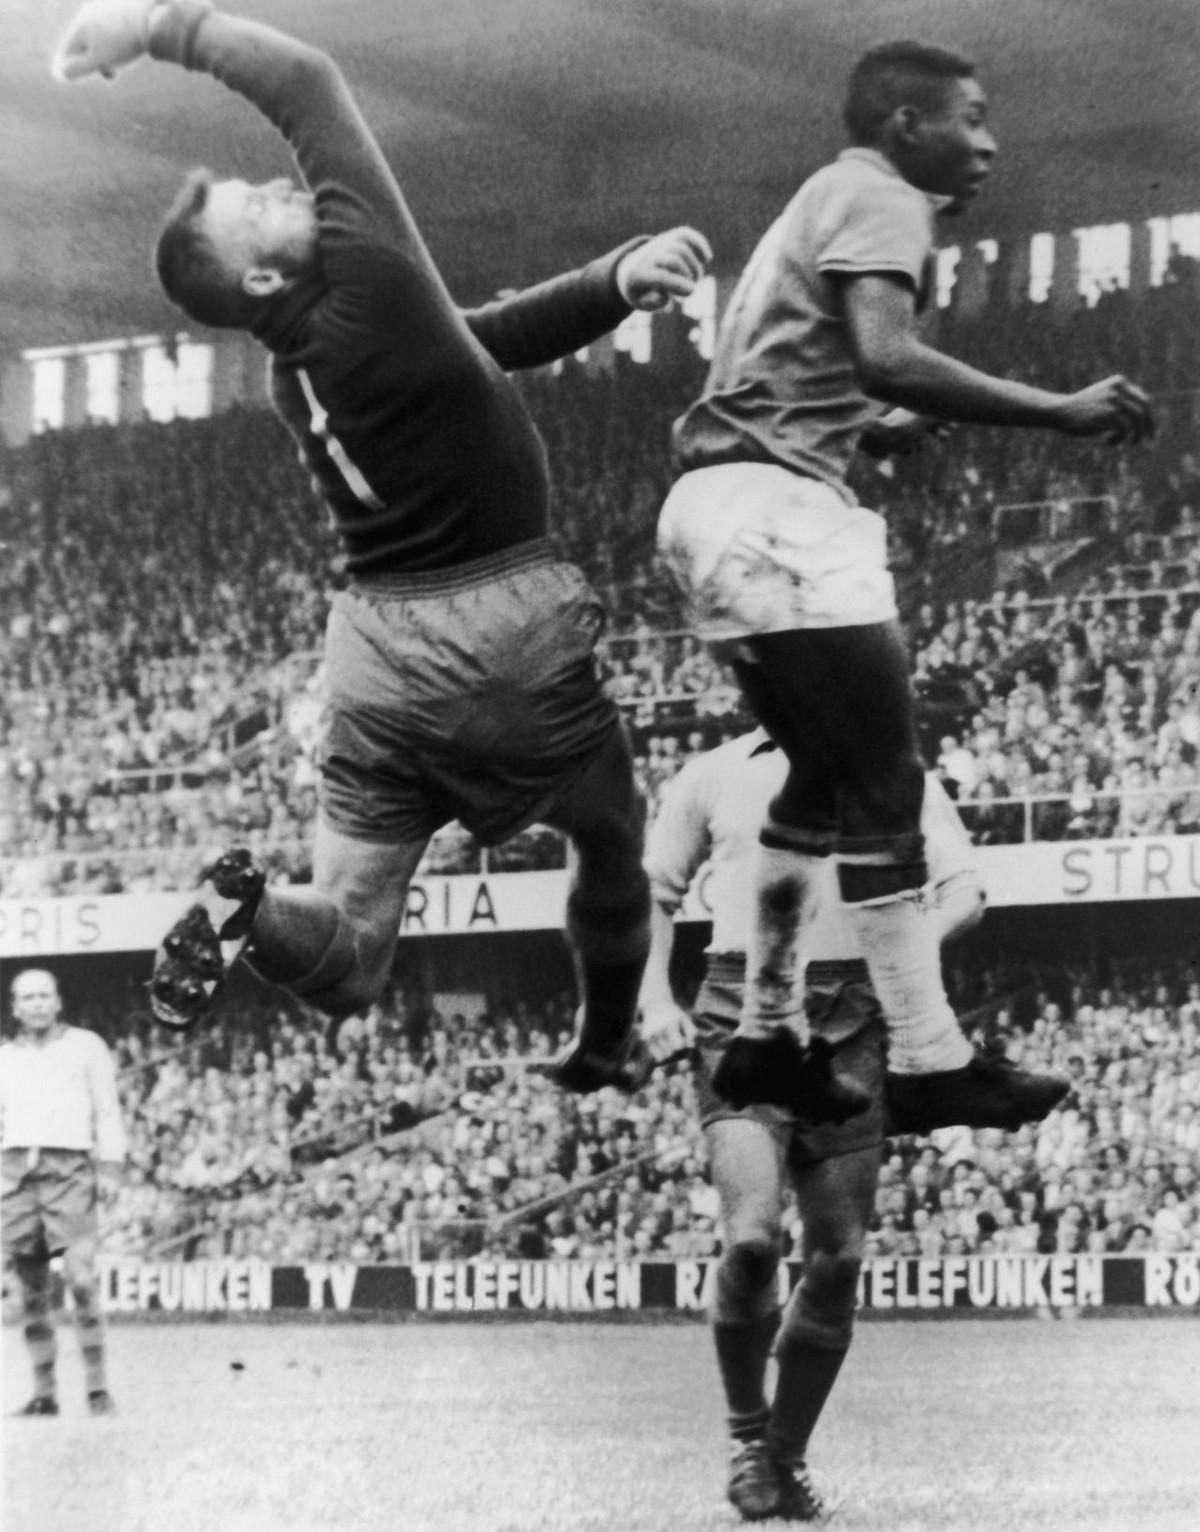 История Короля футбола: как Пеле стал звездой чемпионата мира 13